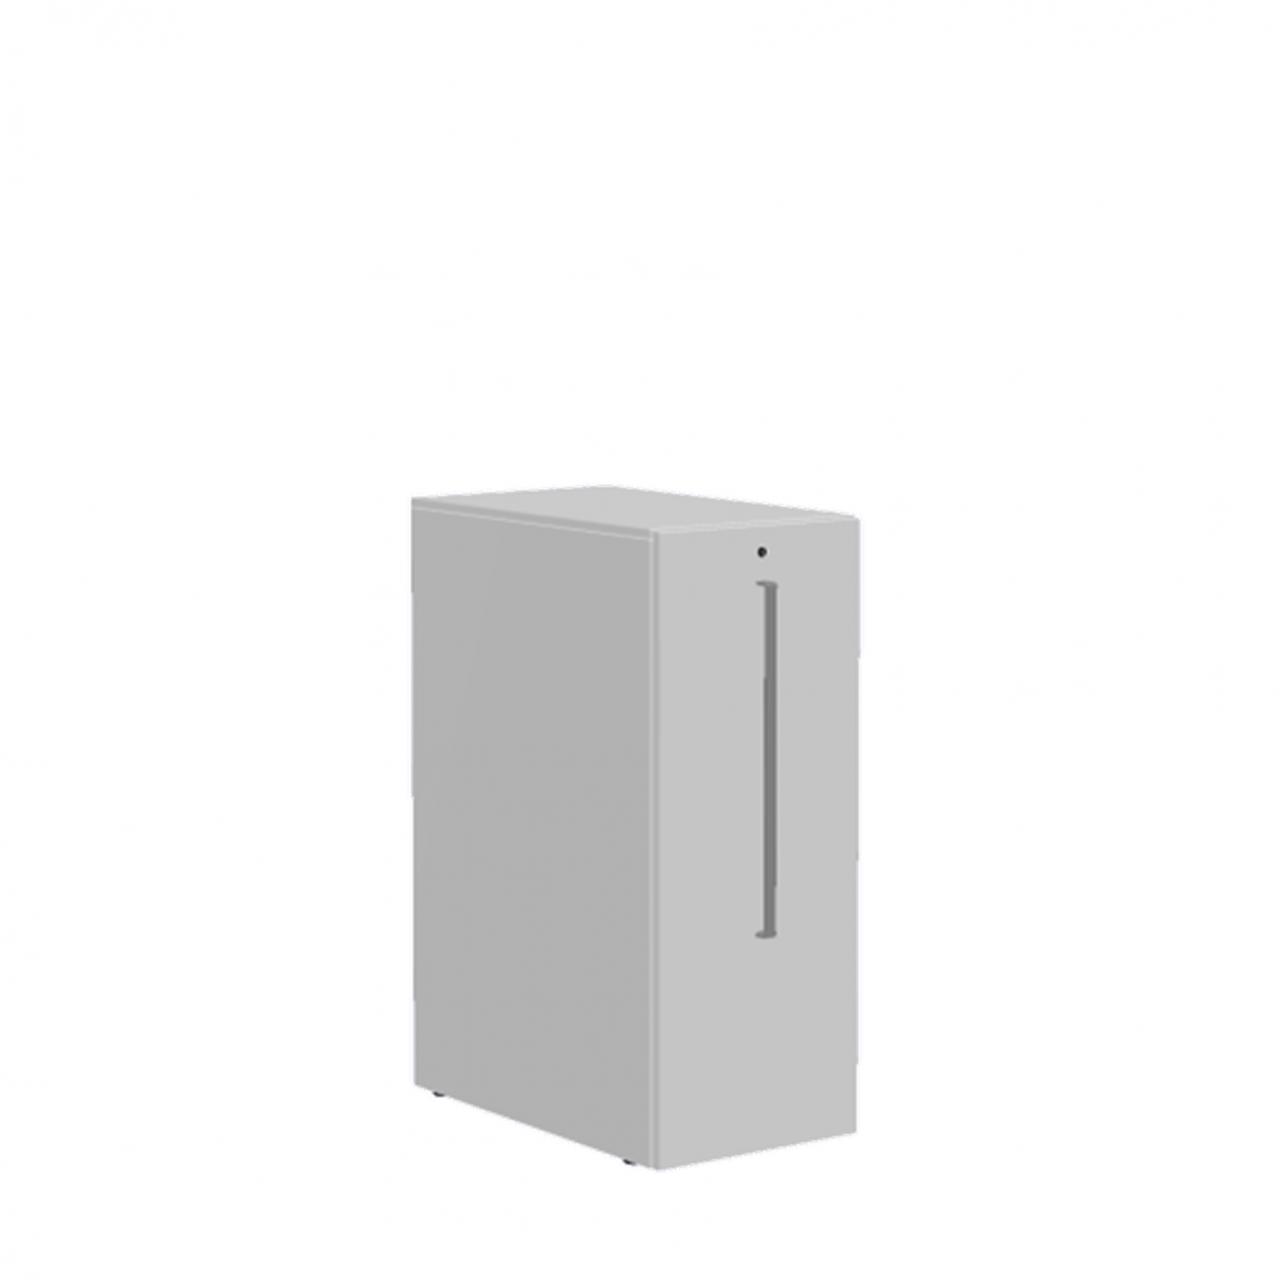 Full Size of Apothekerschrank Gebraucht Steelcase Kist Bro Und Objekteinrichtung Gmbh Gebrauchte Küche Kaufen Landhausküche Verkaufen Gebrauchtwagen Bad Kreuznach Wohnzimmer Apothekerschrank Gebraucht